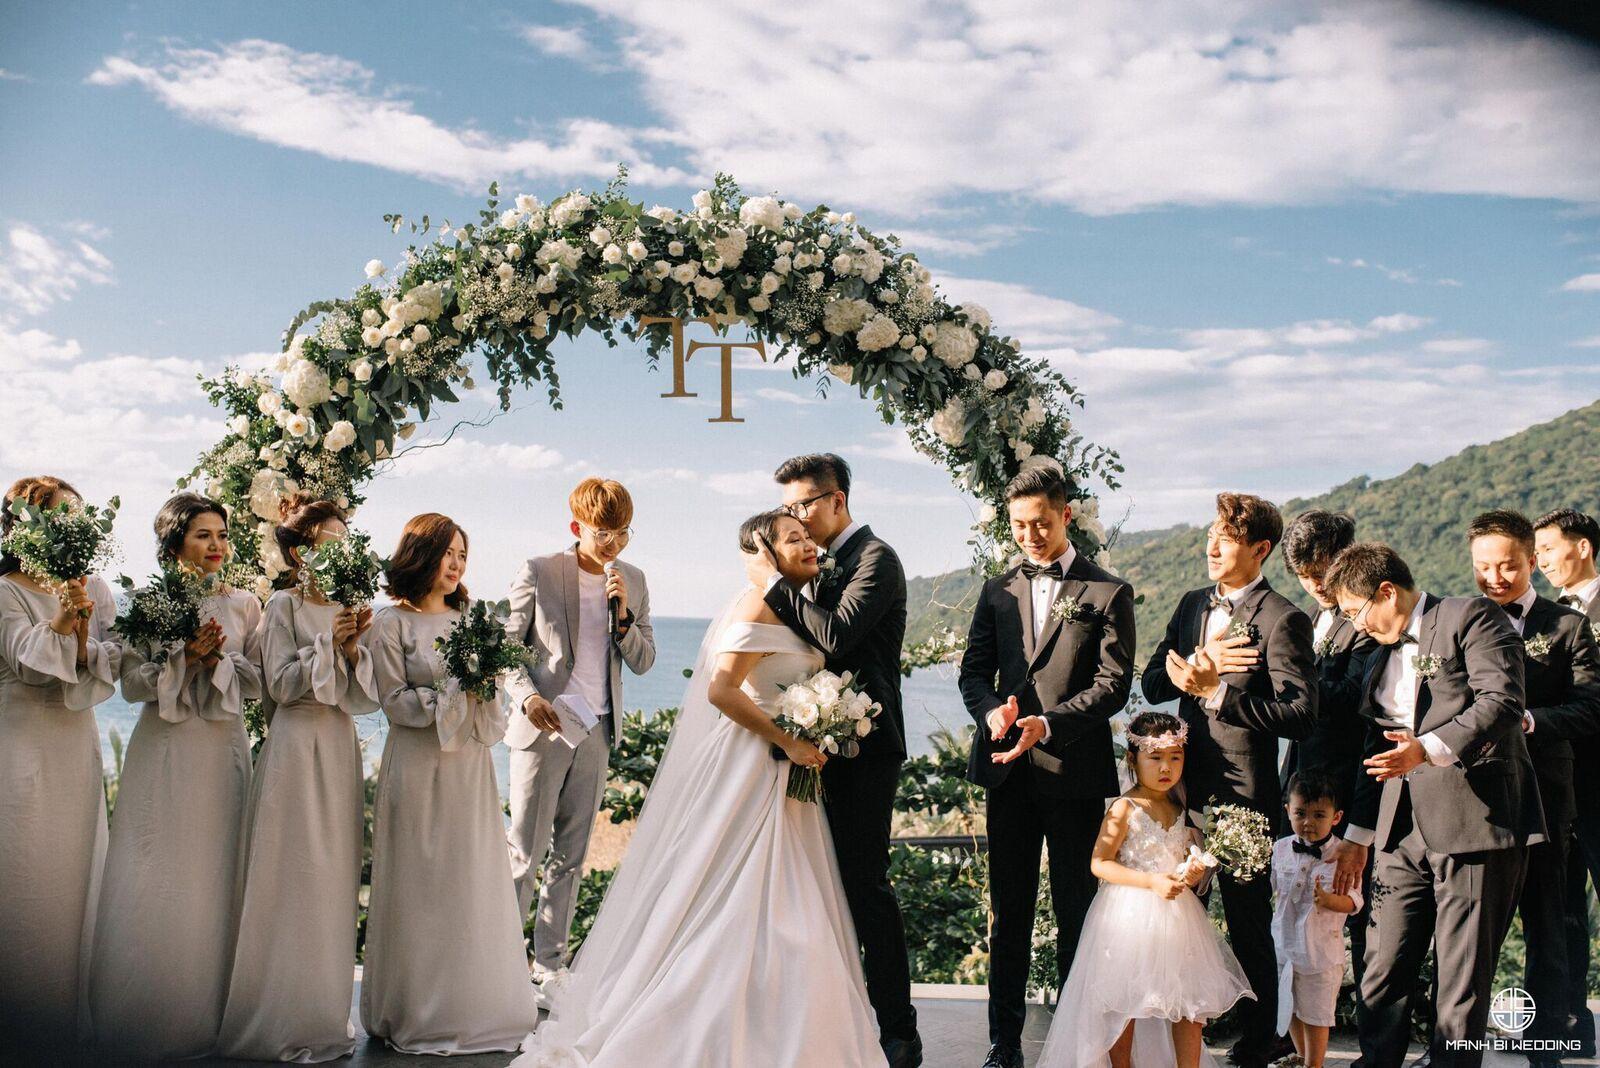 Vén màn đám cưới đẹp tựa như mơ của nhà văn Gào